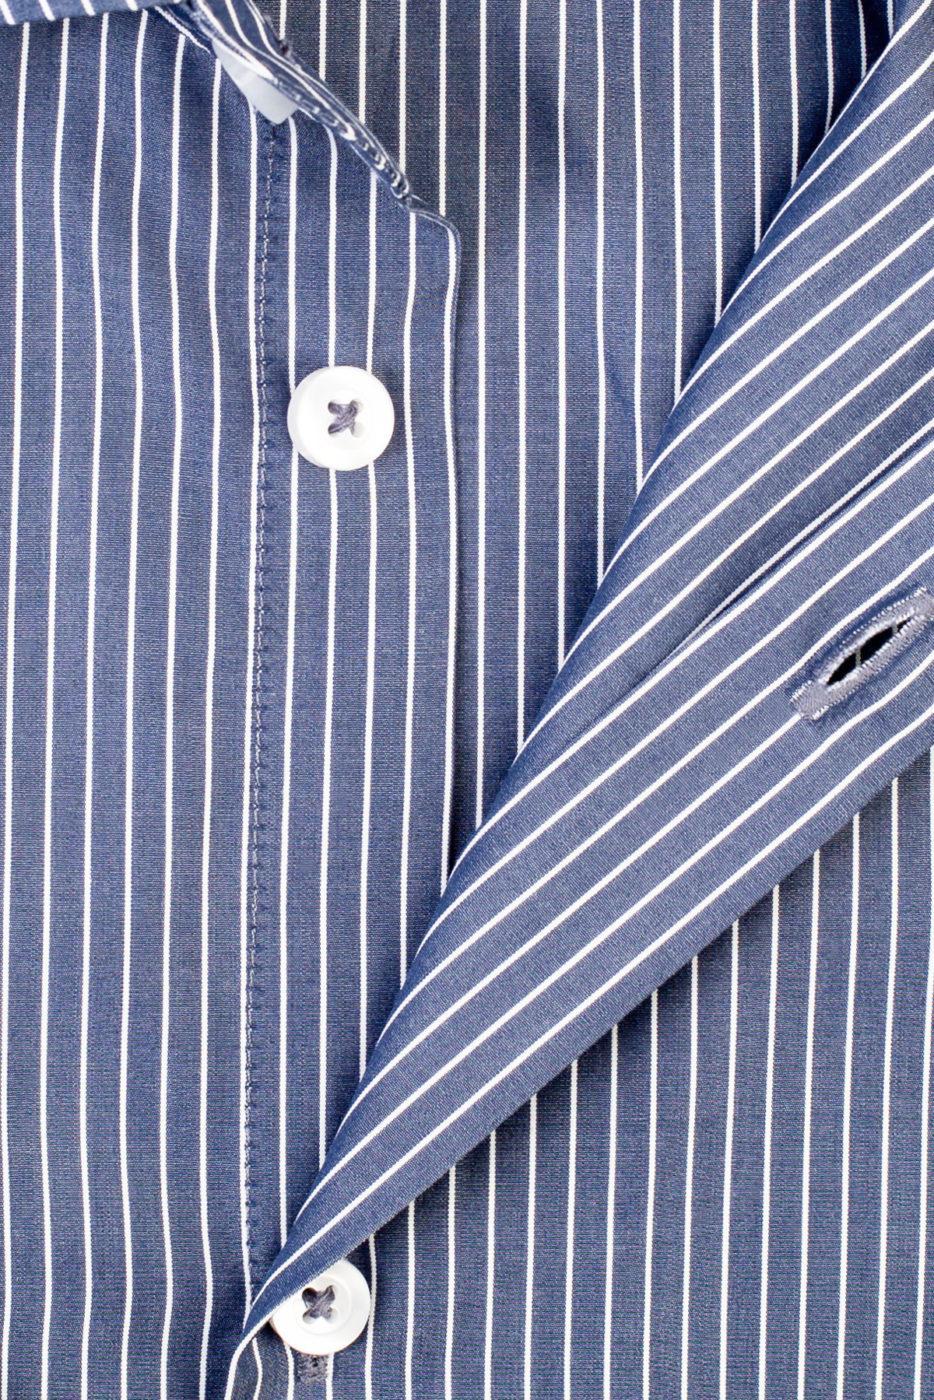 Emperor Blue Striped Shirt 1 (1)